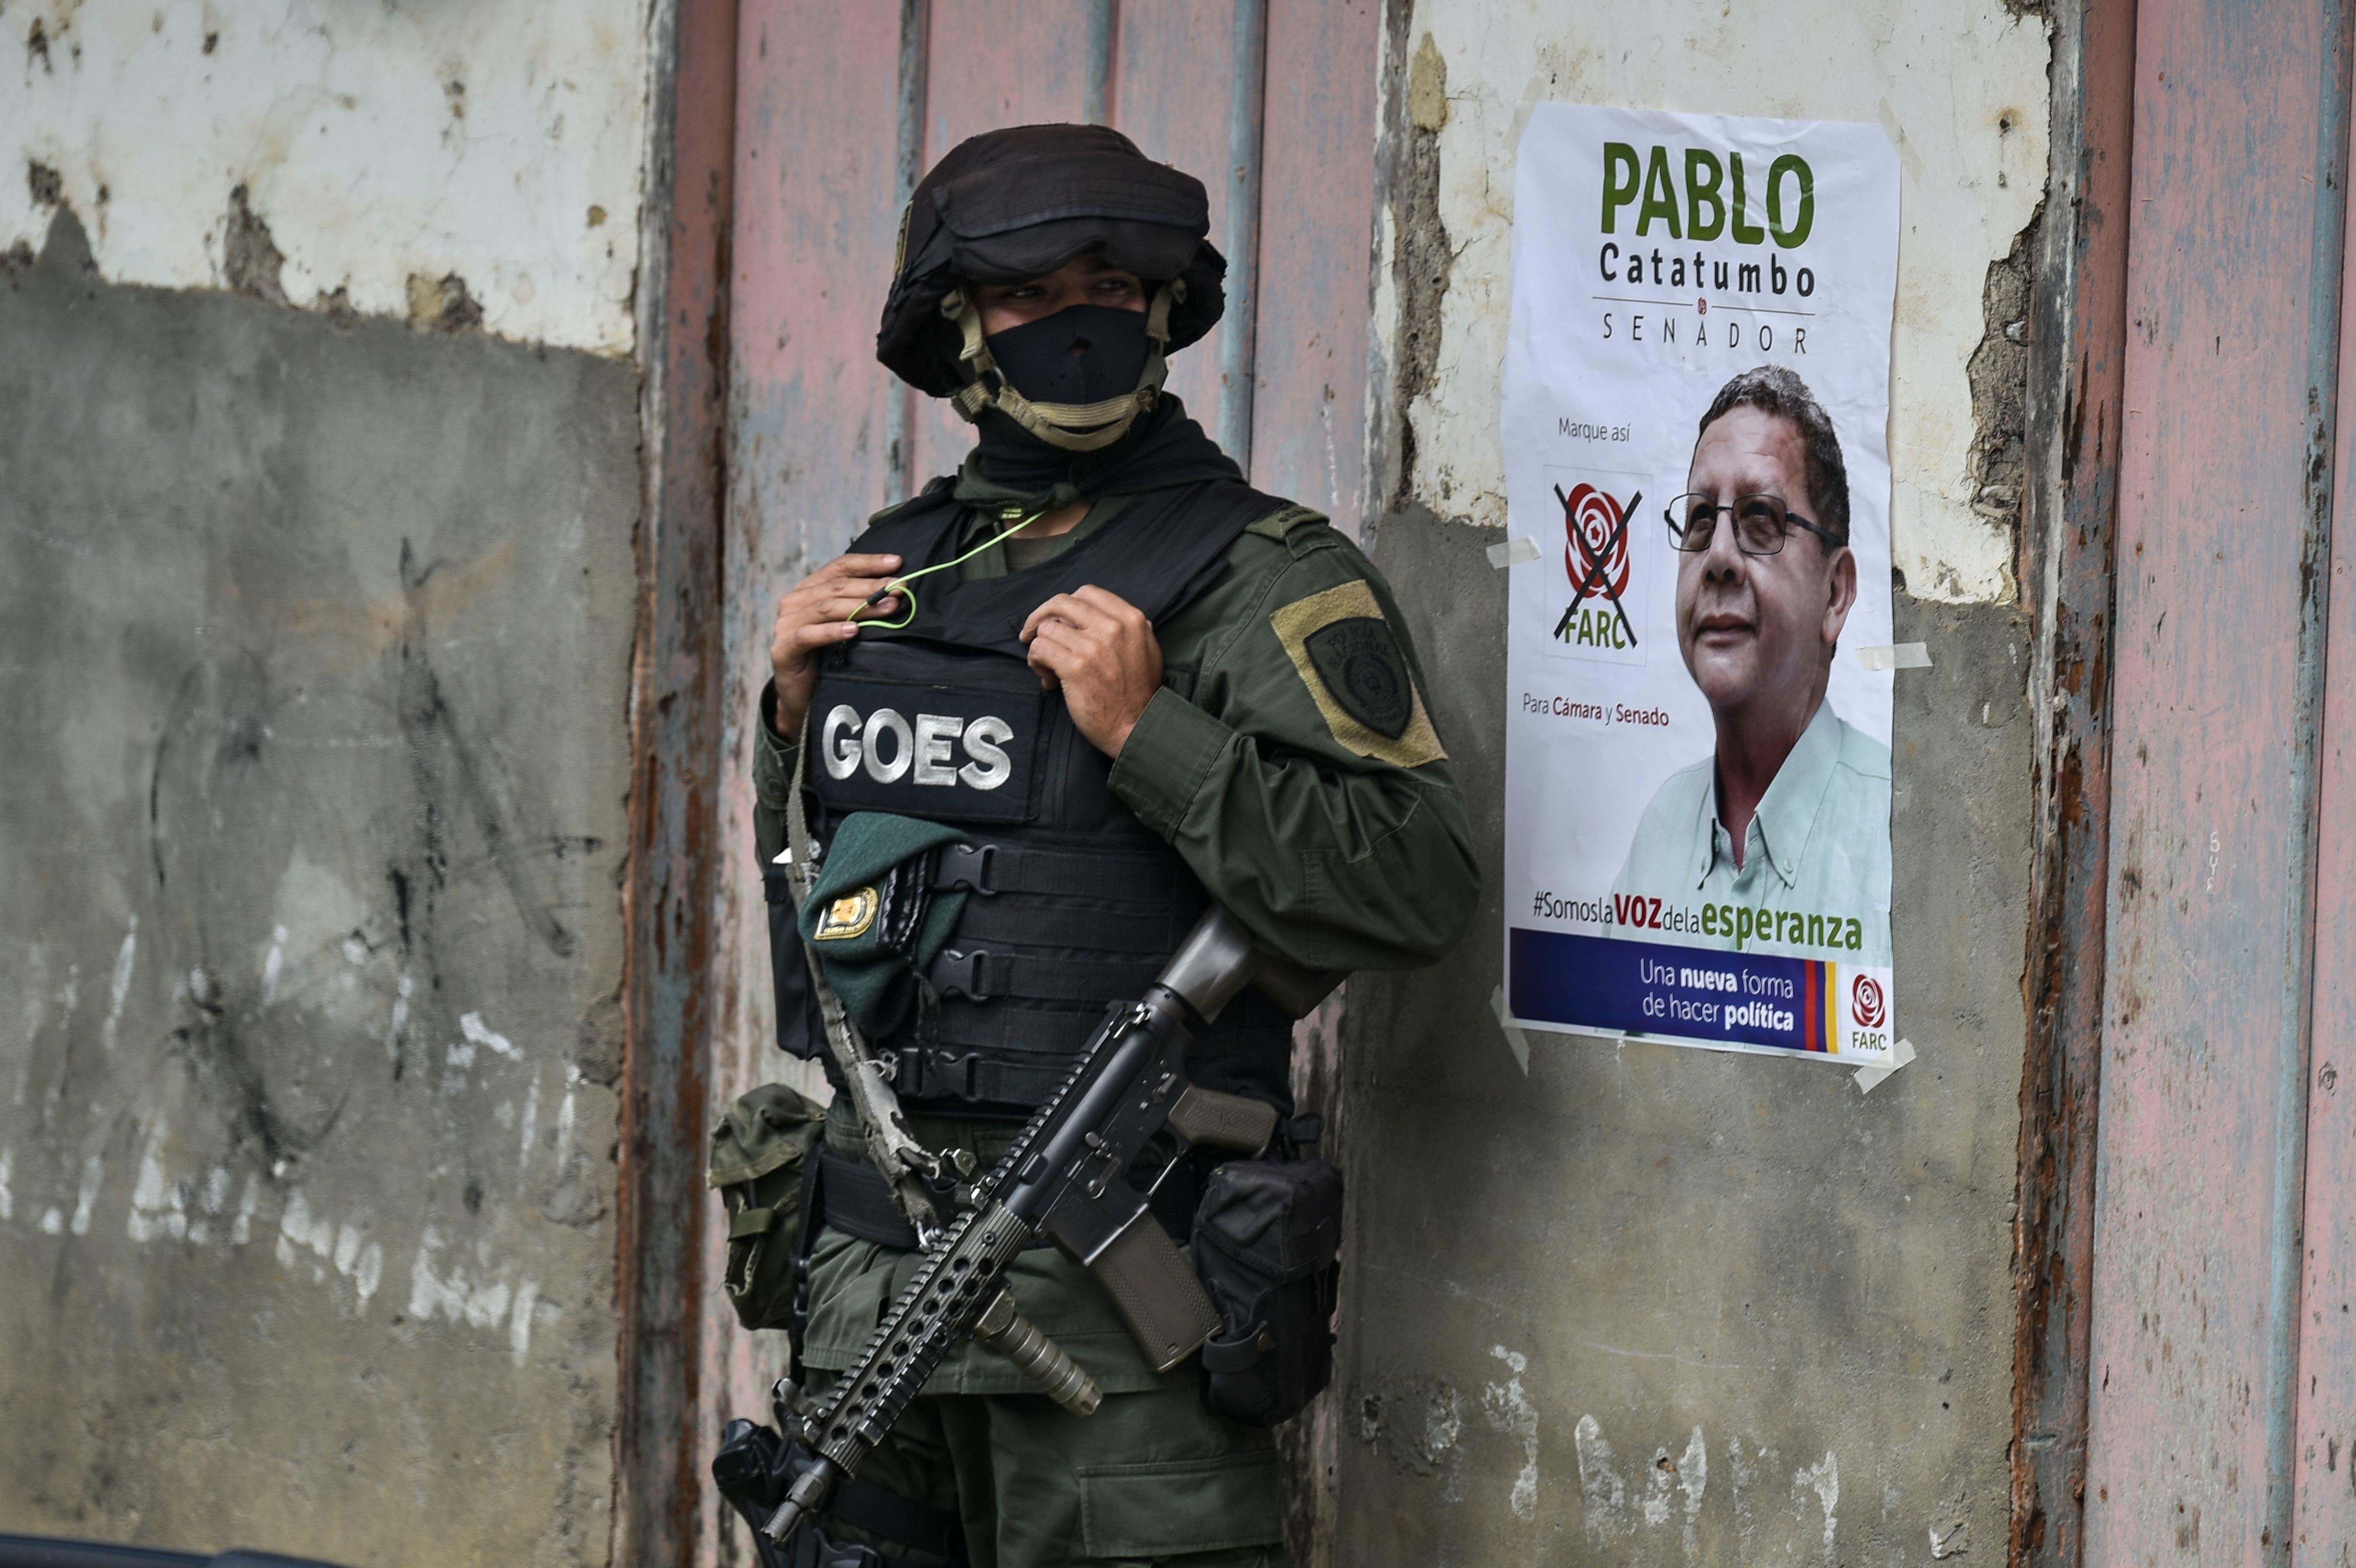 Οι βουλευτικές εκλογές στην Κολομβία κρίνουν την ειρήνη στη